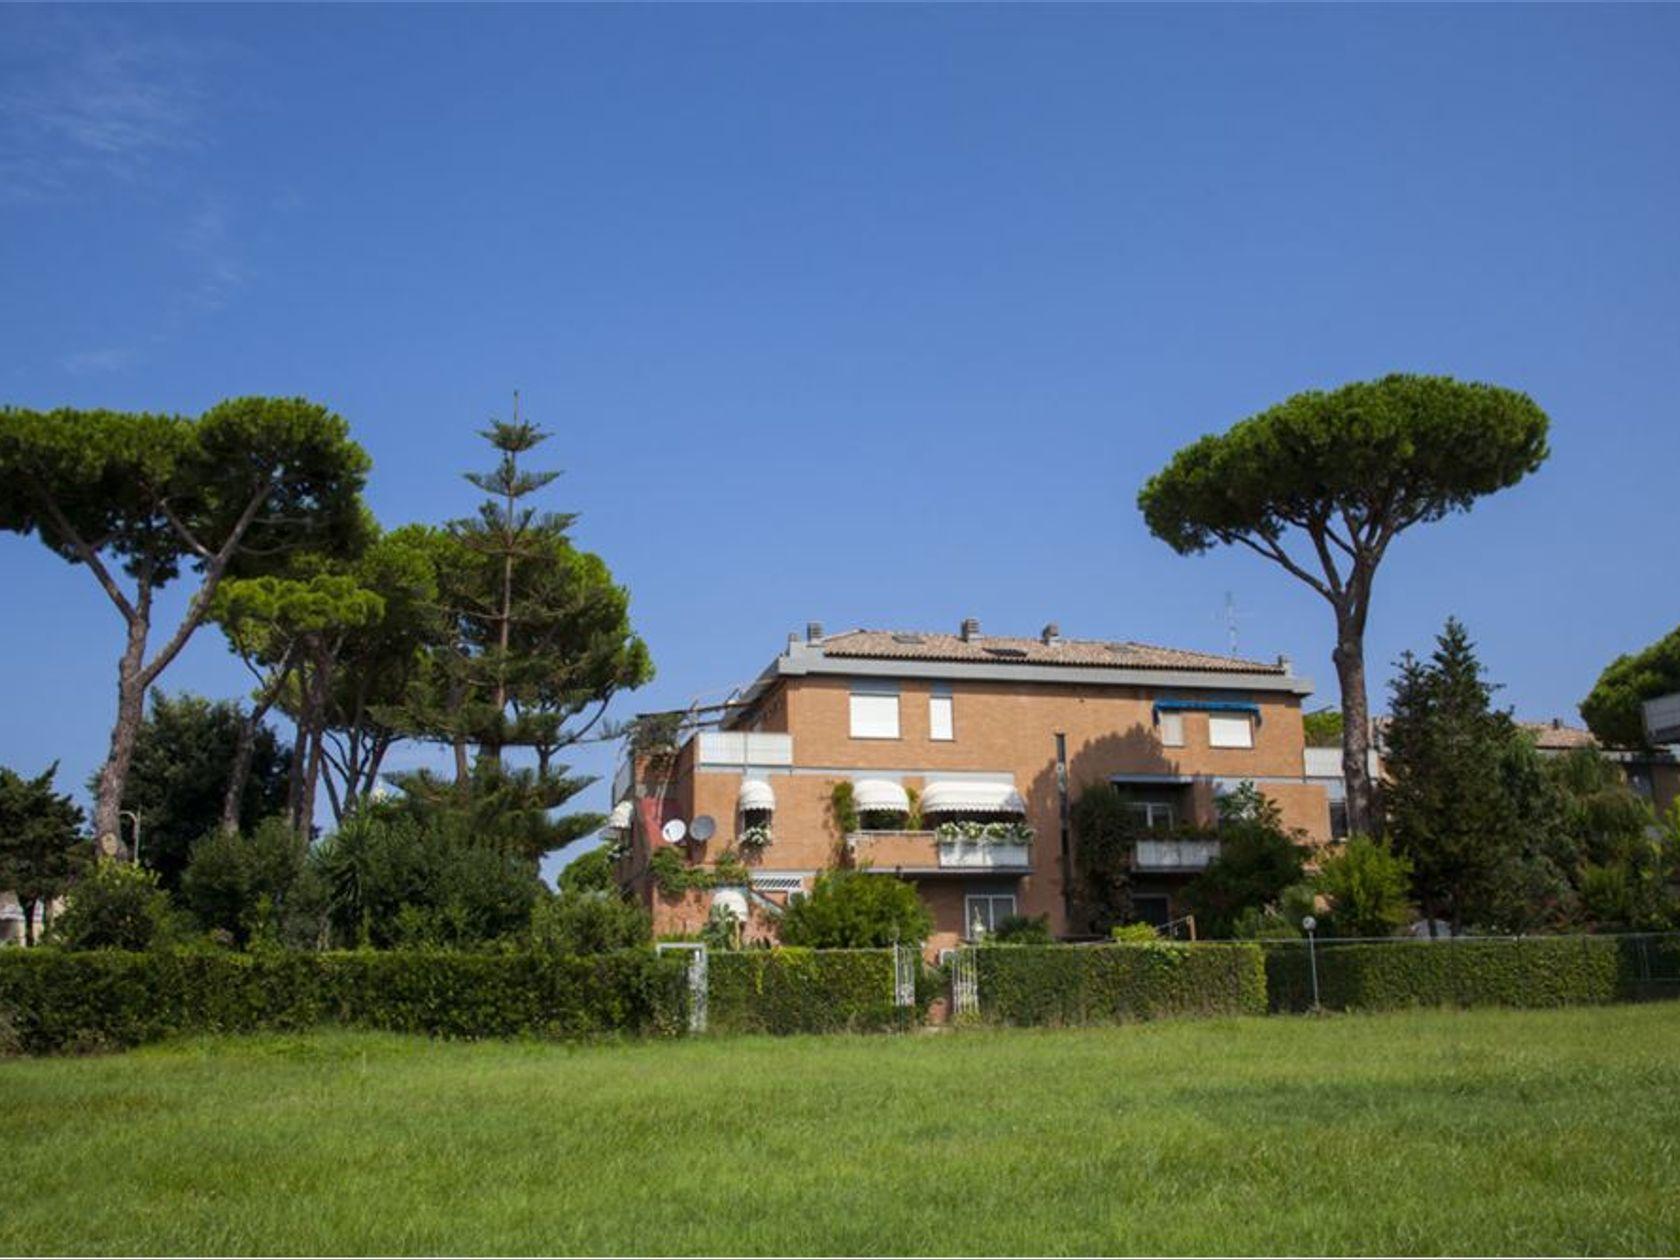 Attico/Mansarda Anzio-santa Teresa, Anzio, RM Vendita - Foto 40